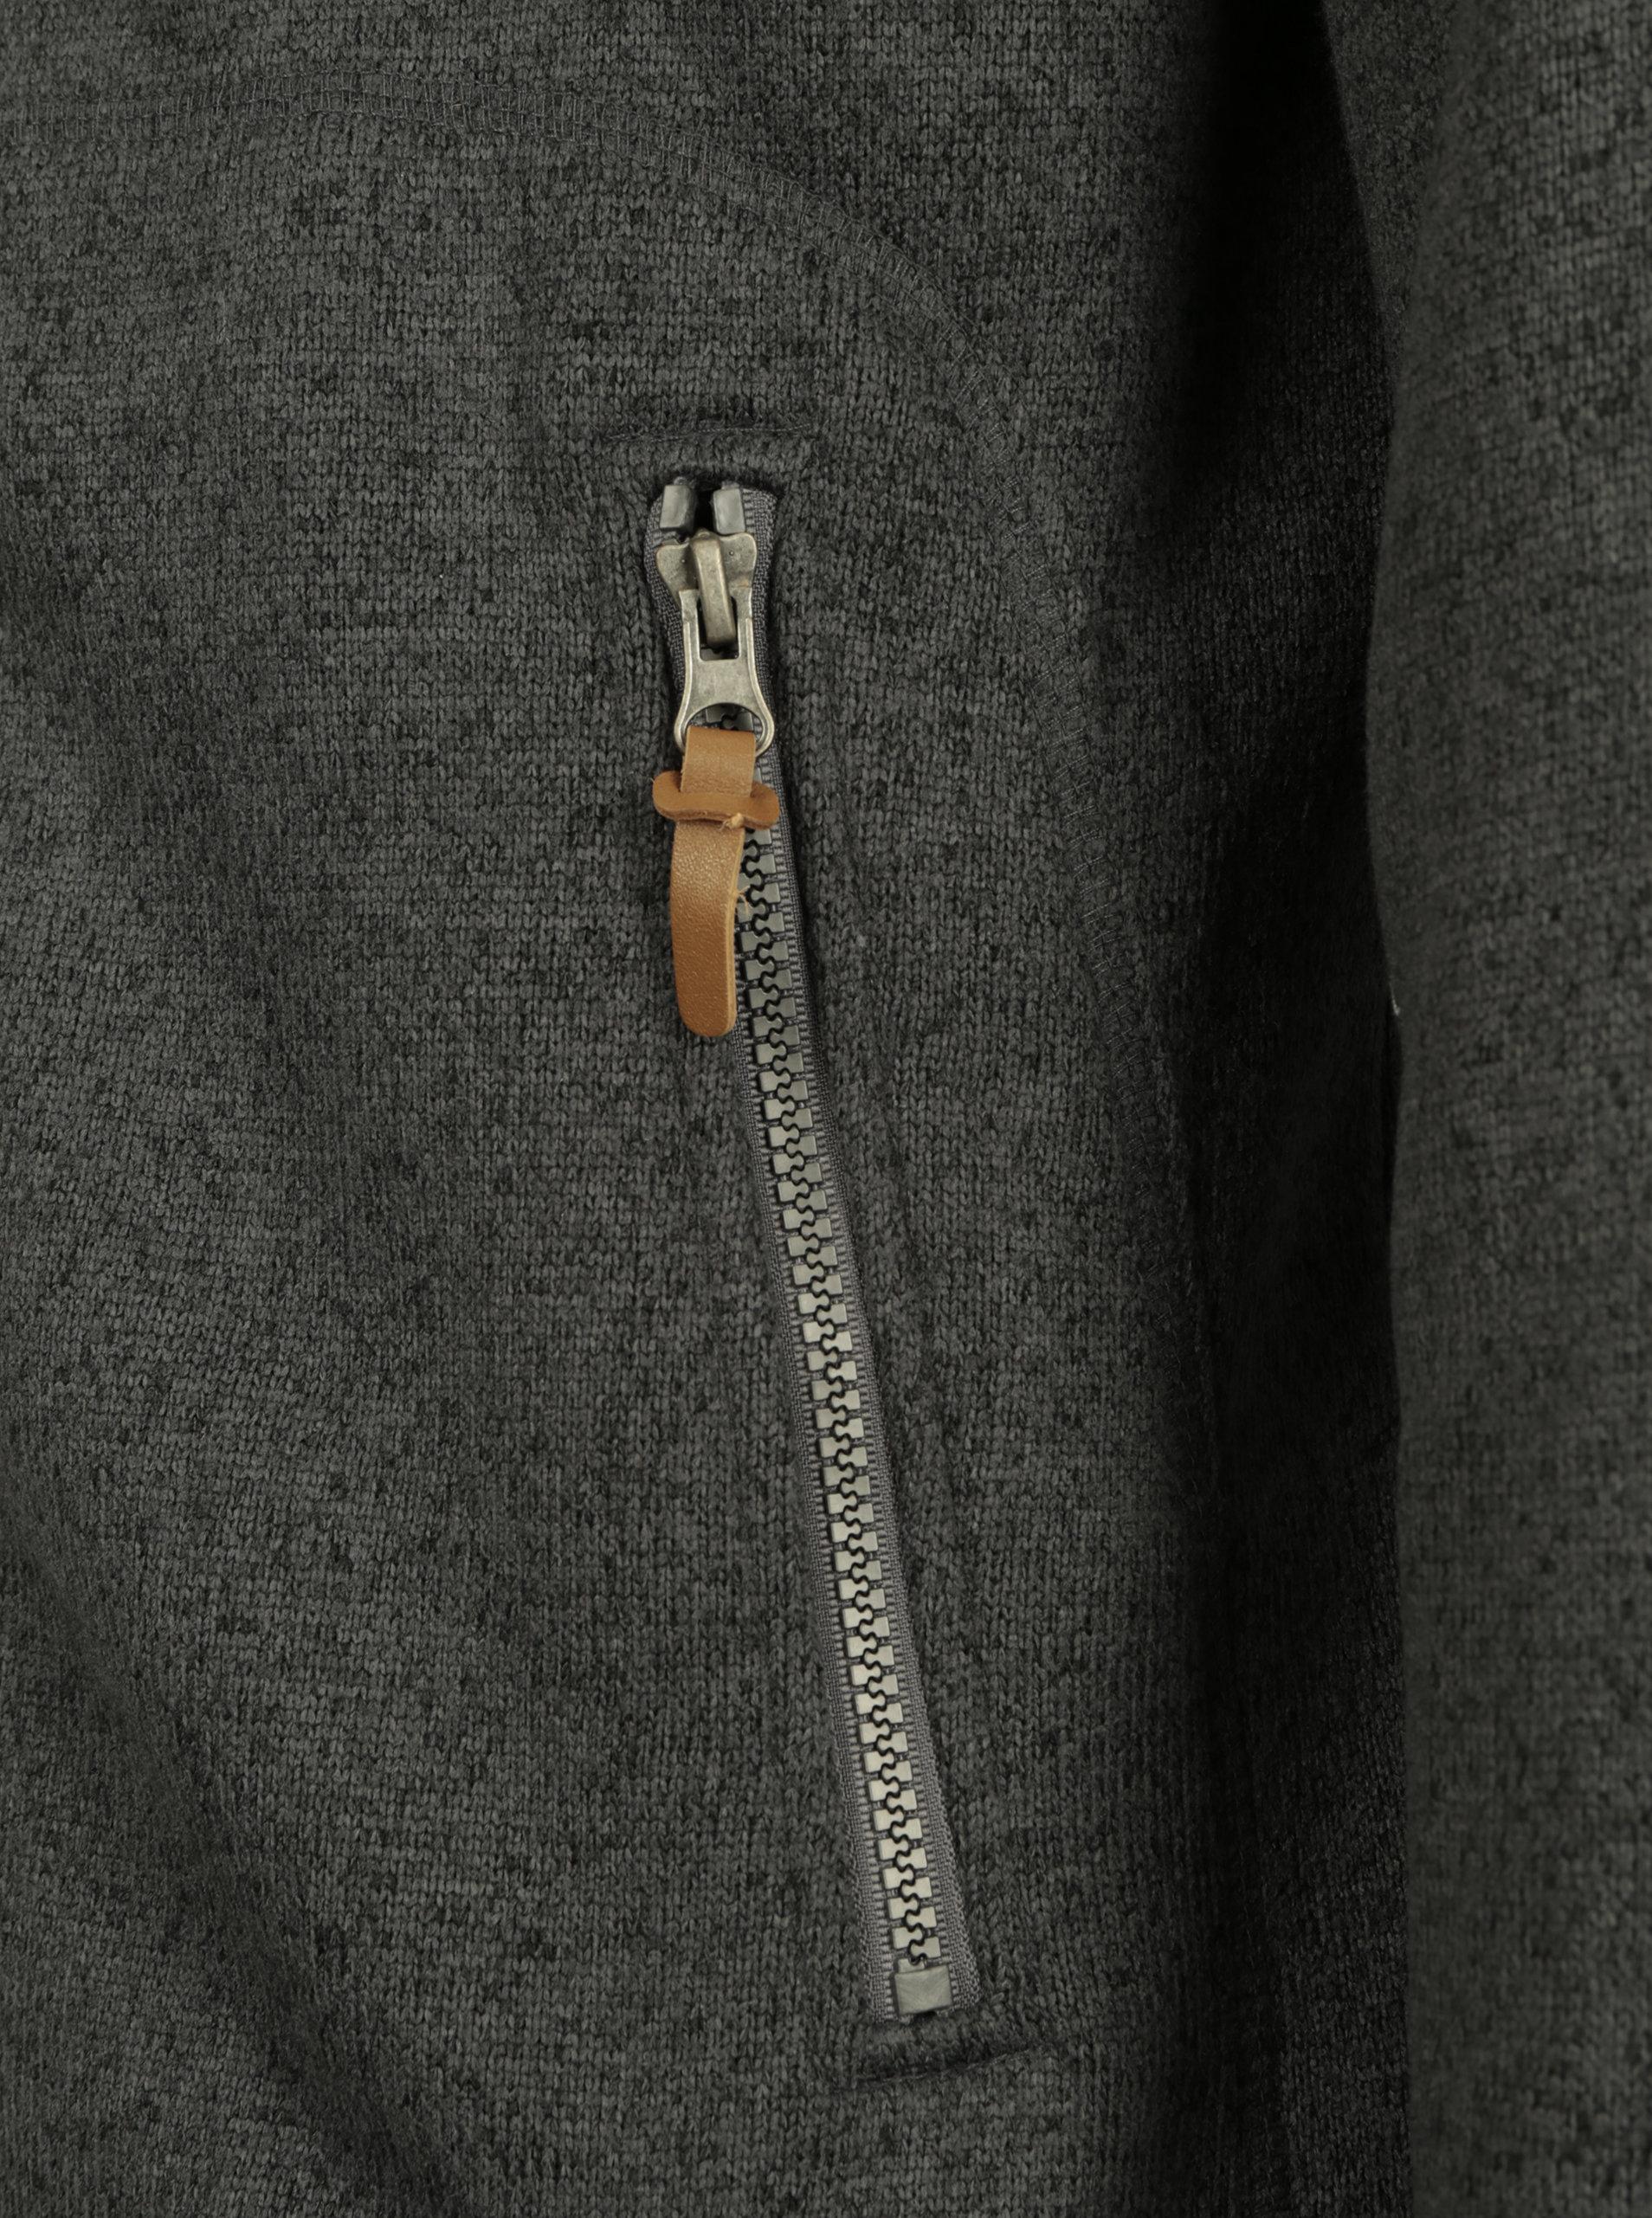 Tmavě šedá pánská žíhaná mikina s kapucí a kapsami LOAP Godet ... 98ce35abb6